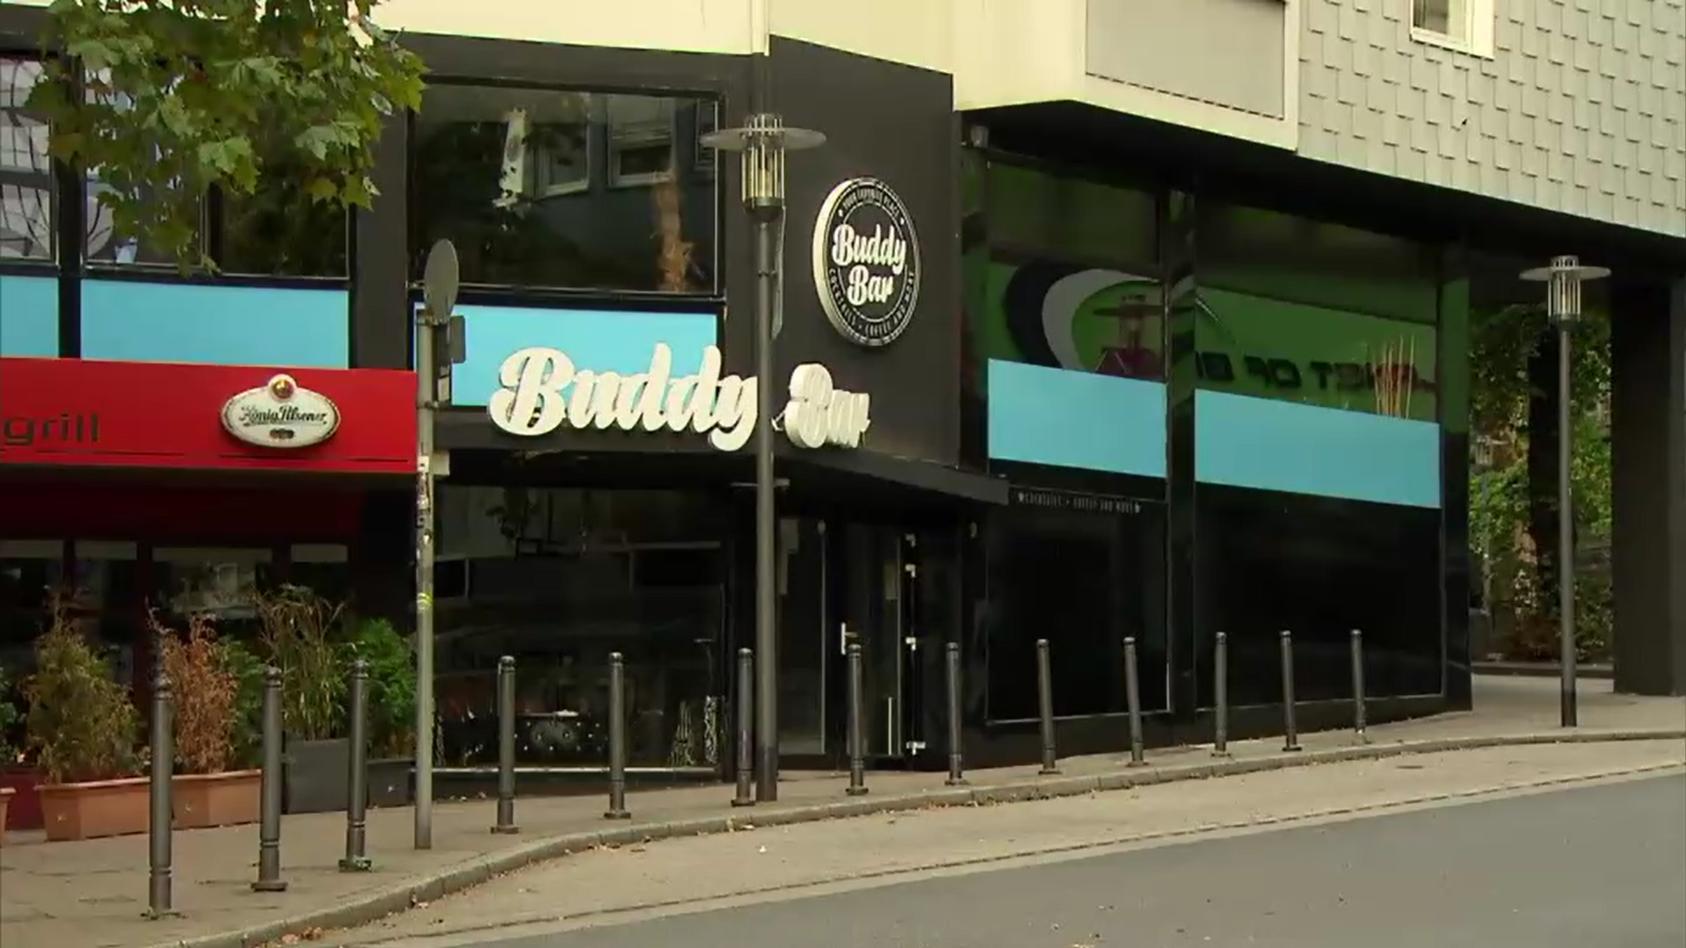 Vor dieser Shisha-Bar in Essen wurden die Beamten attackiert.